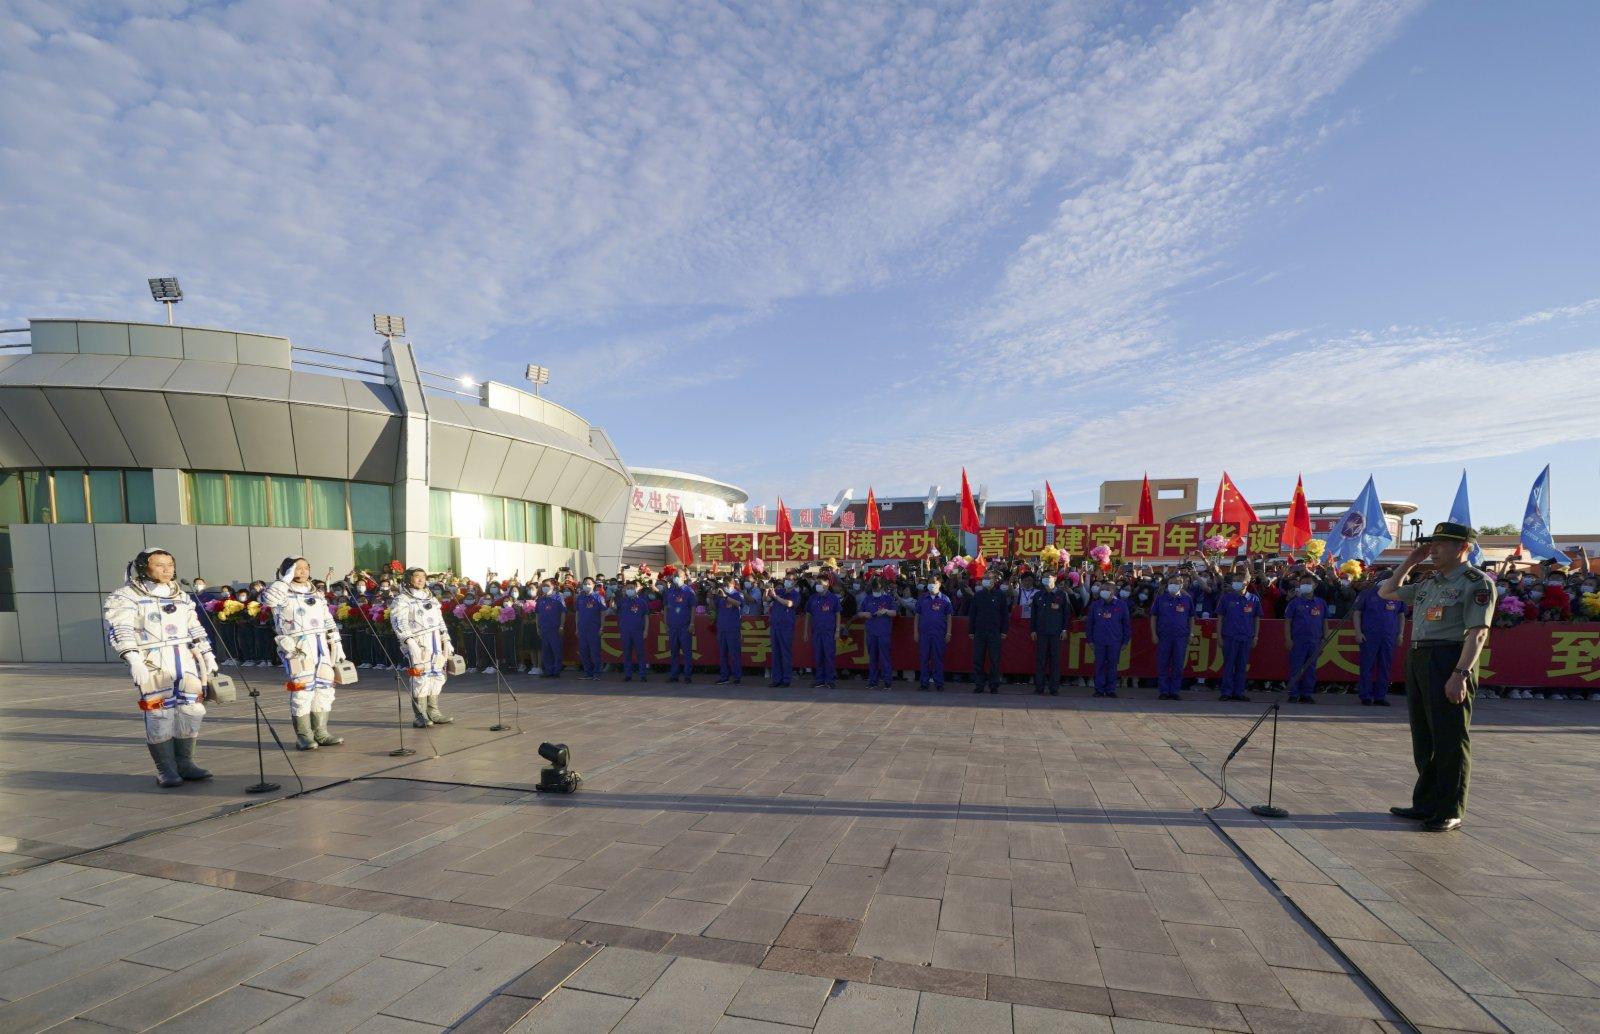 6月17日,神舟十二號航天員出征儀式在酒泉衛星發射中心舉行。新華社